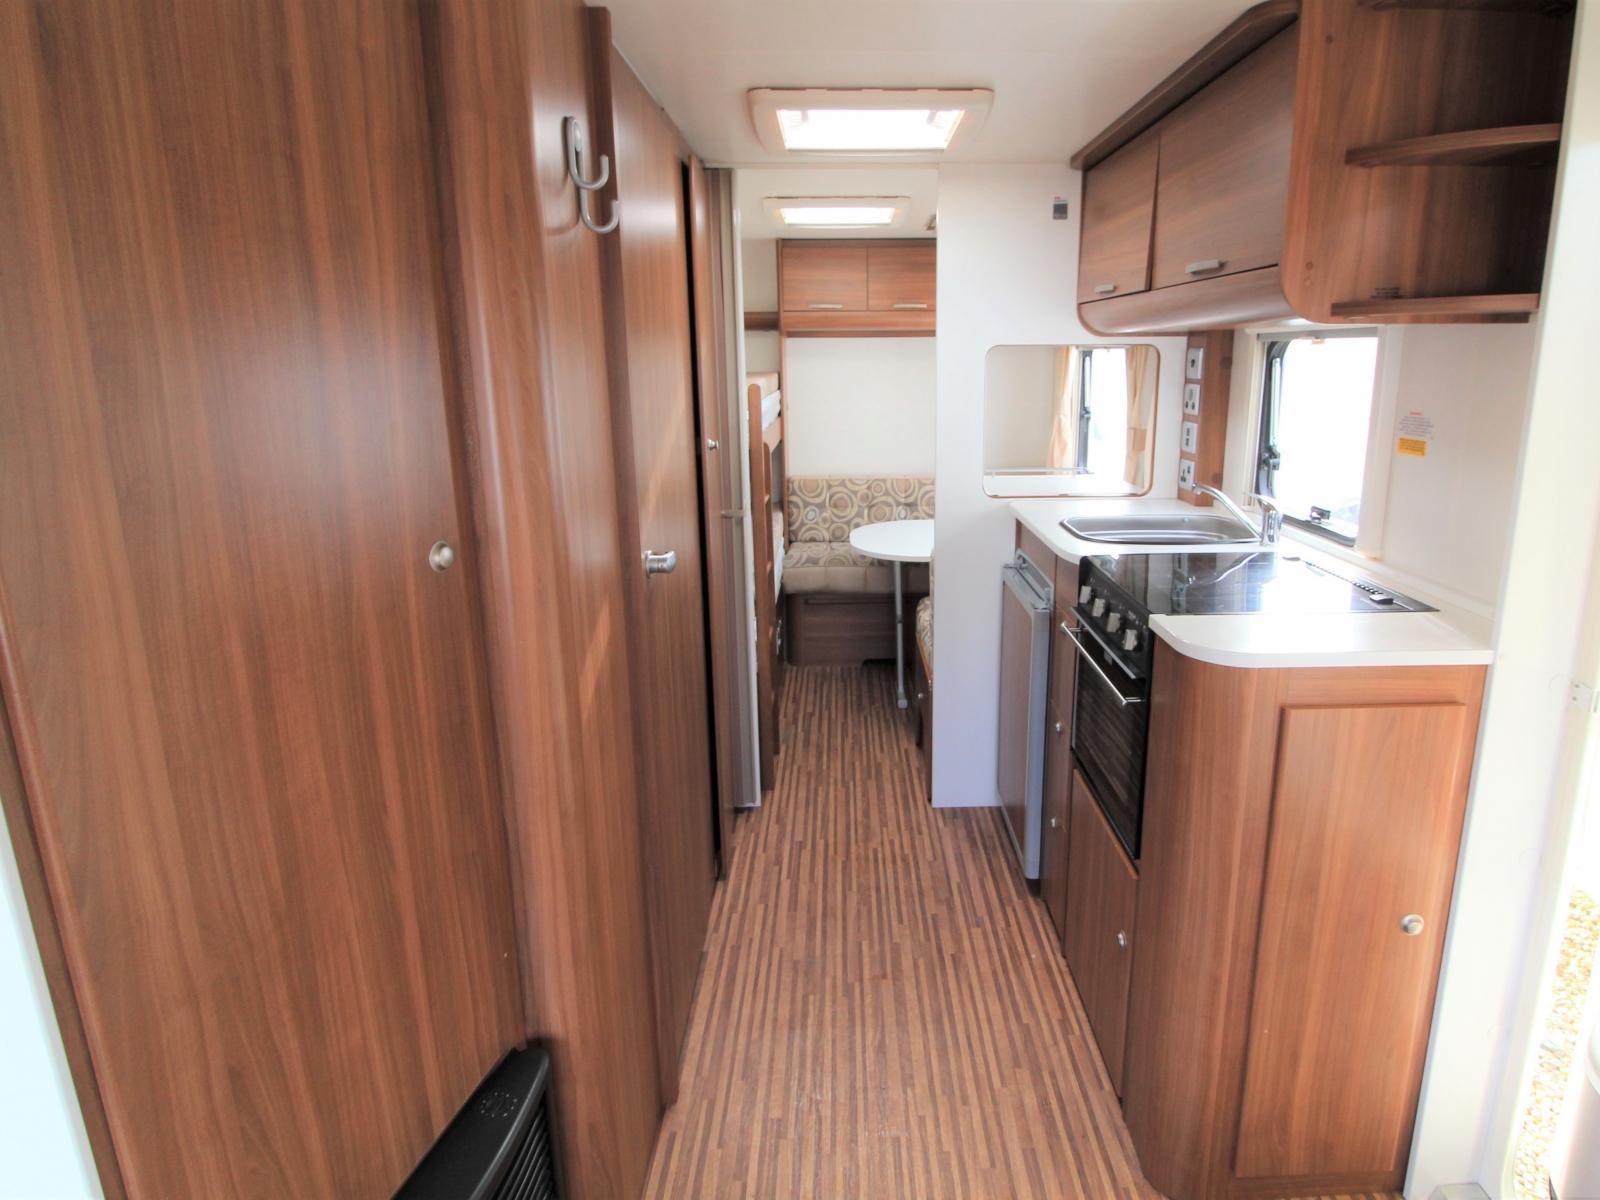 Adria Altea DK 542 2012 image